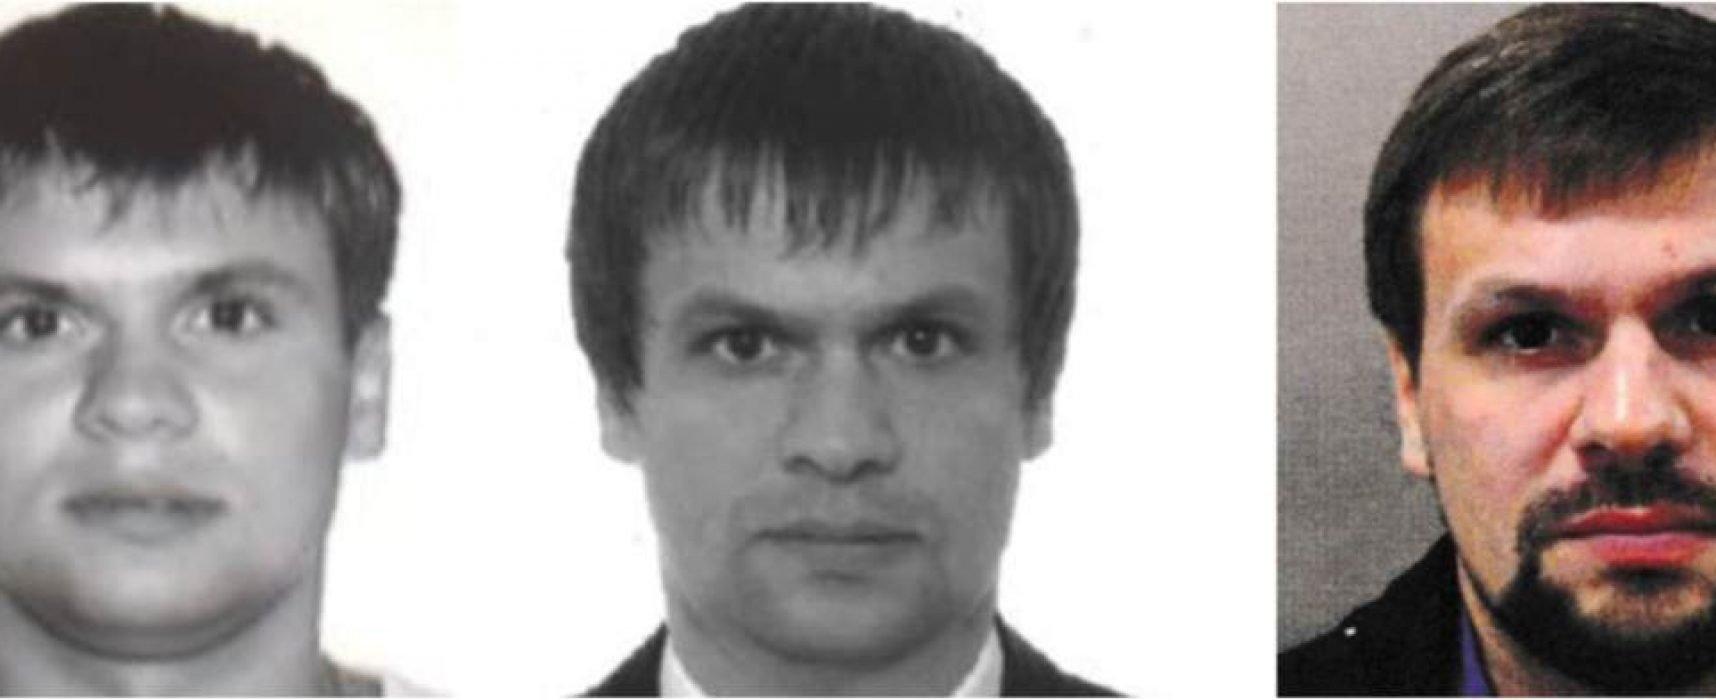 Подозреваемый в отравлении Скрипалей «Руслан Боширов» оказался полковником ГРУ Анатолием Чепигой